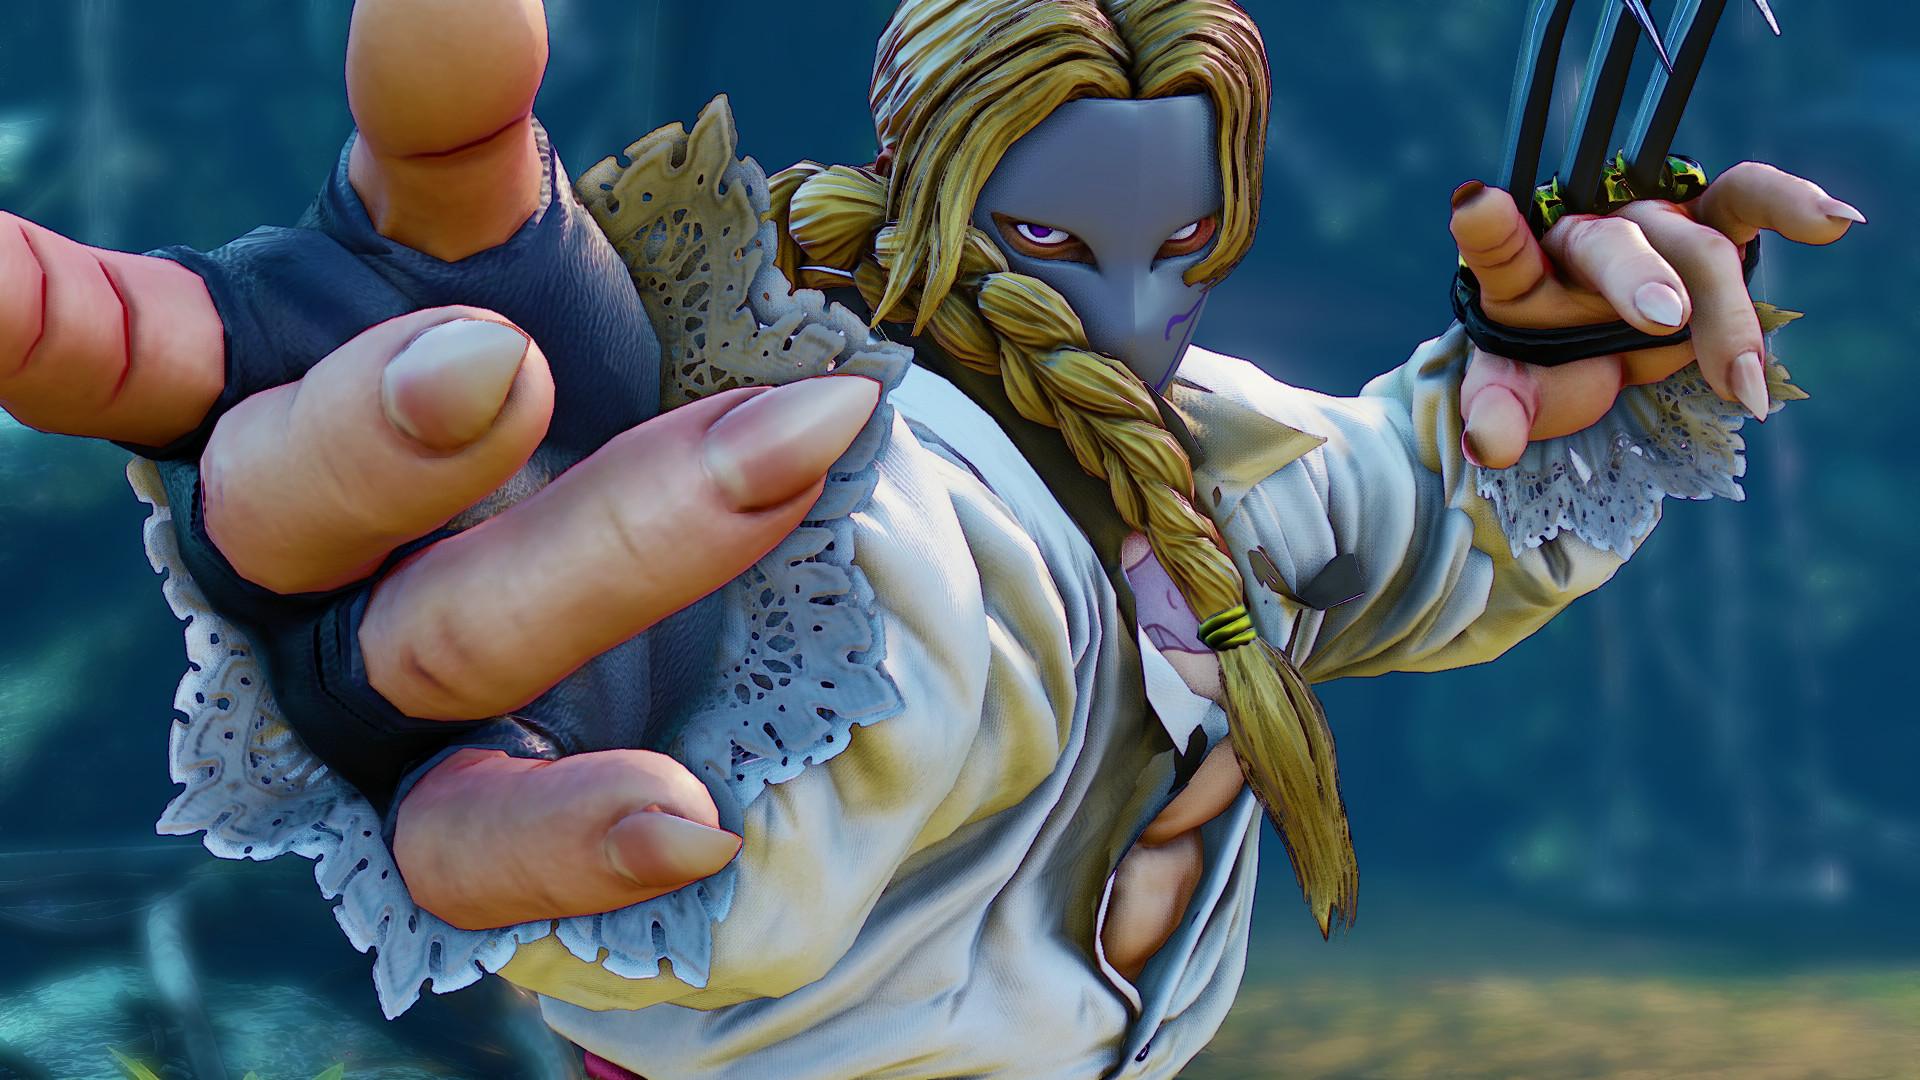 Vega the Spanish Ninja joins Street Fighter V Roster